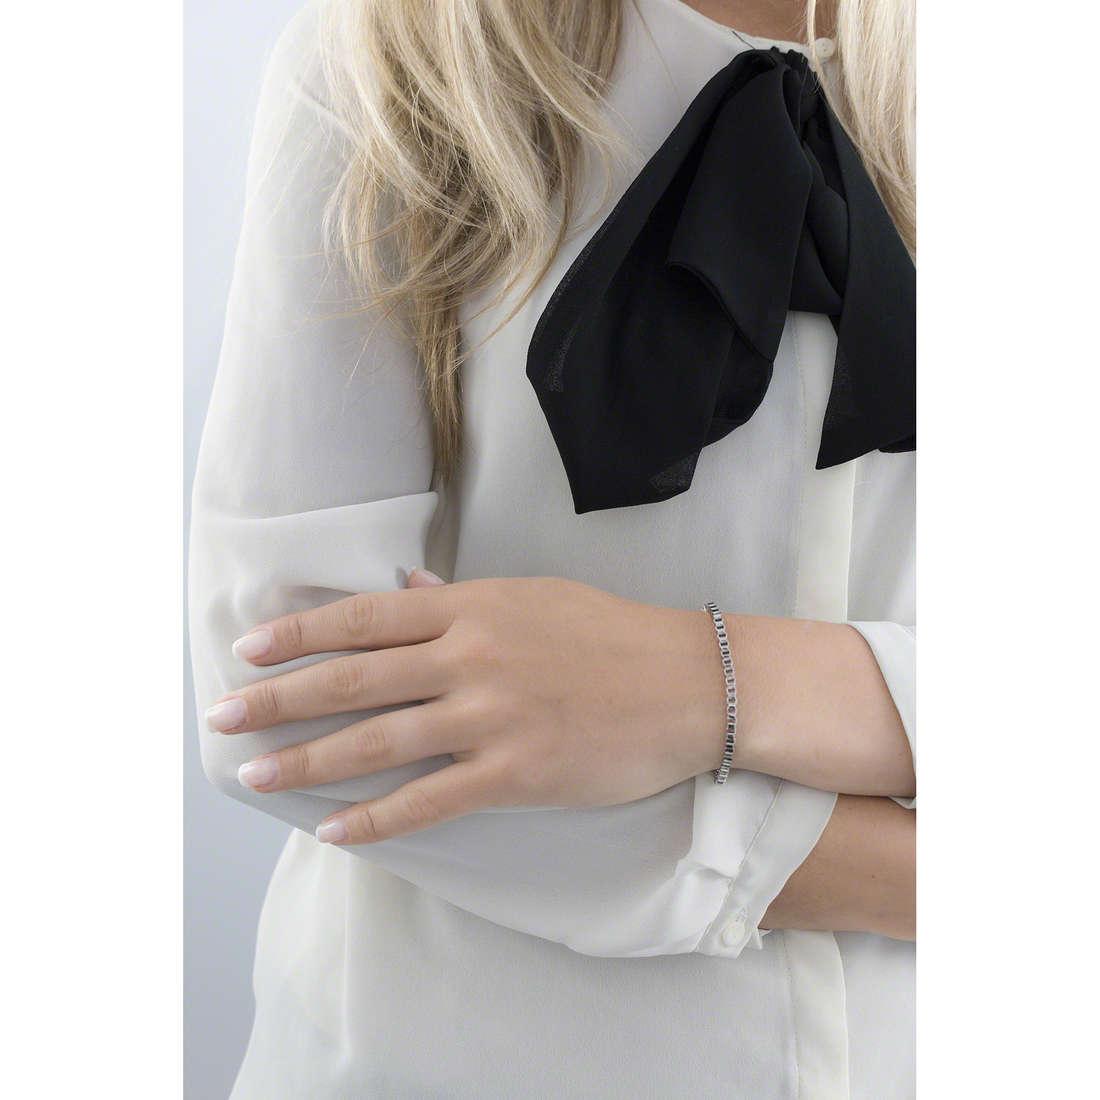 Morellato bracciali Drops donna SCZ137 indosso